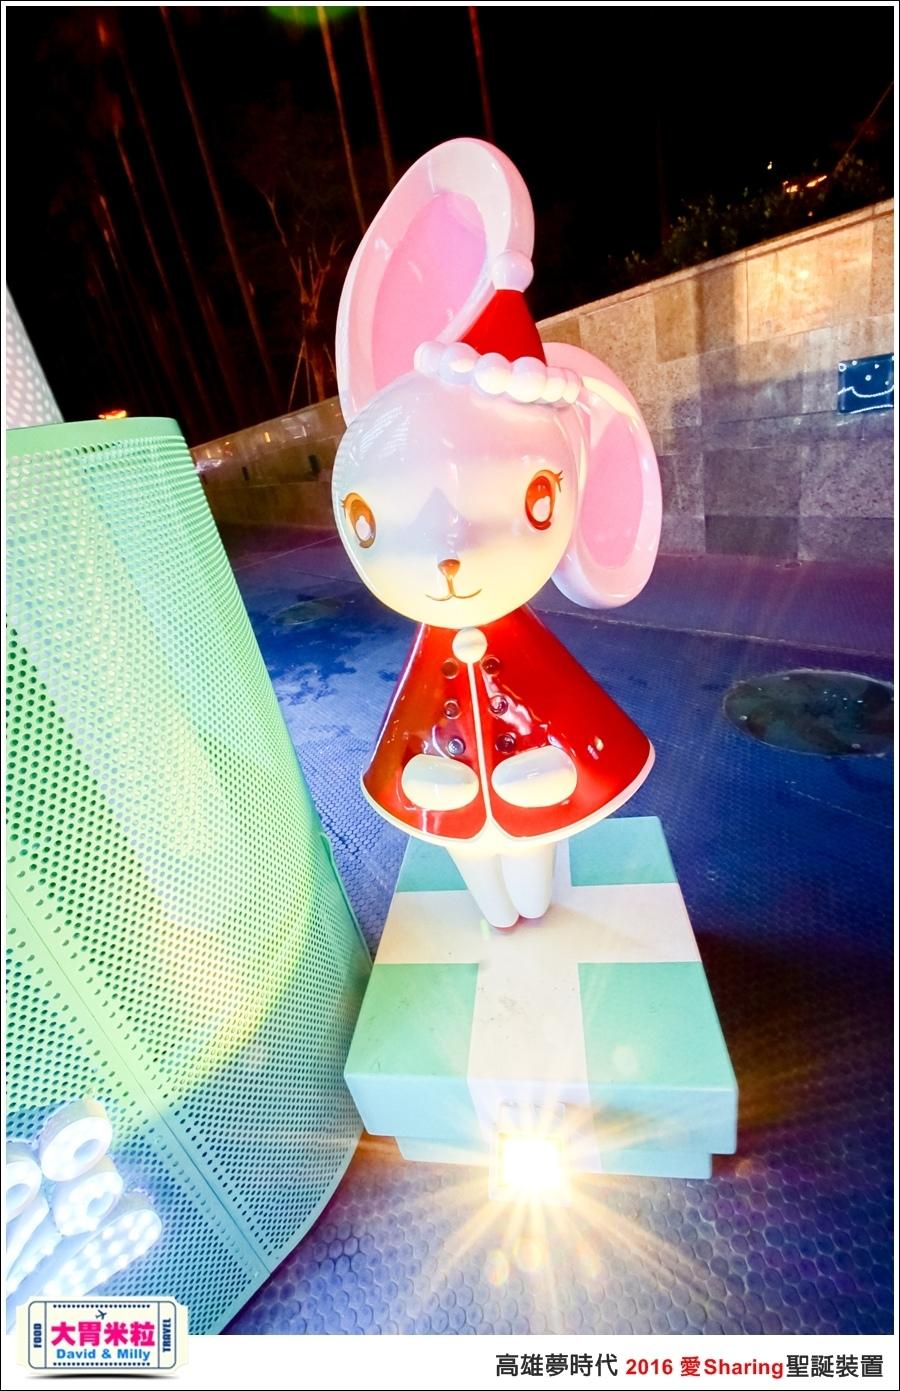 2016聖誕約會景點推薦@高雄夢時代 統一時代百貨 2016聖誕裝置@大胃米粒0075.jpg